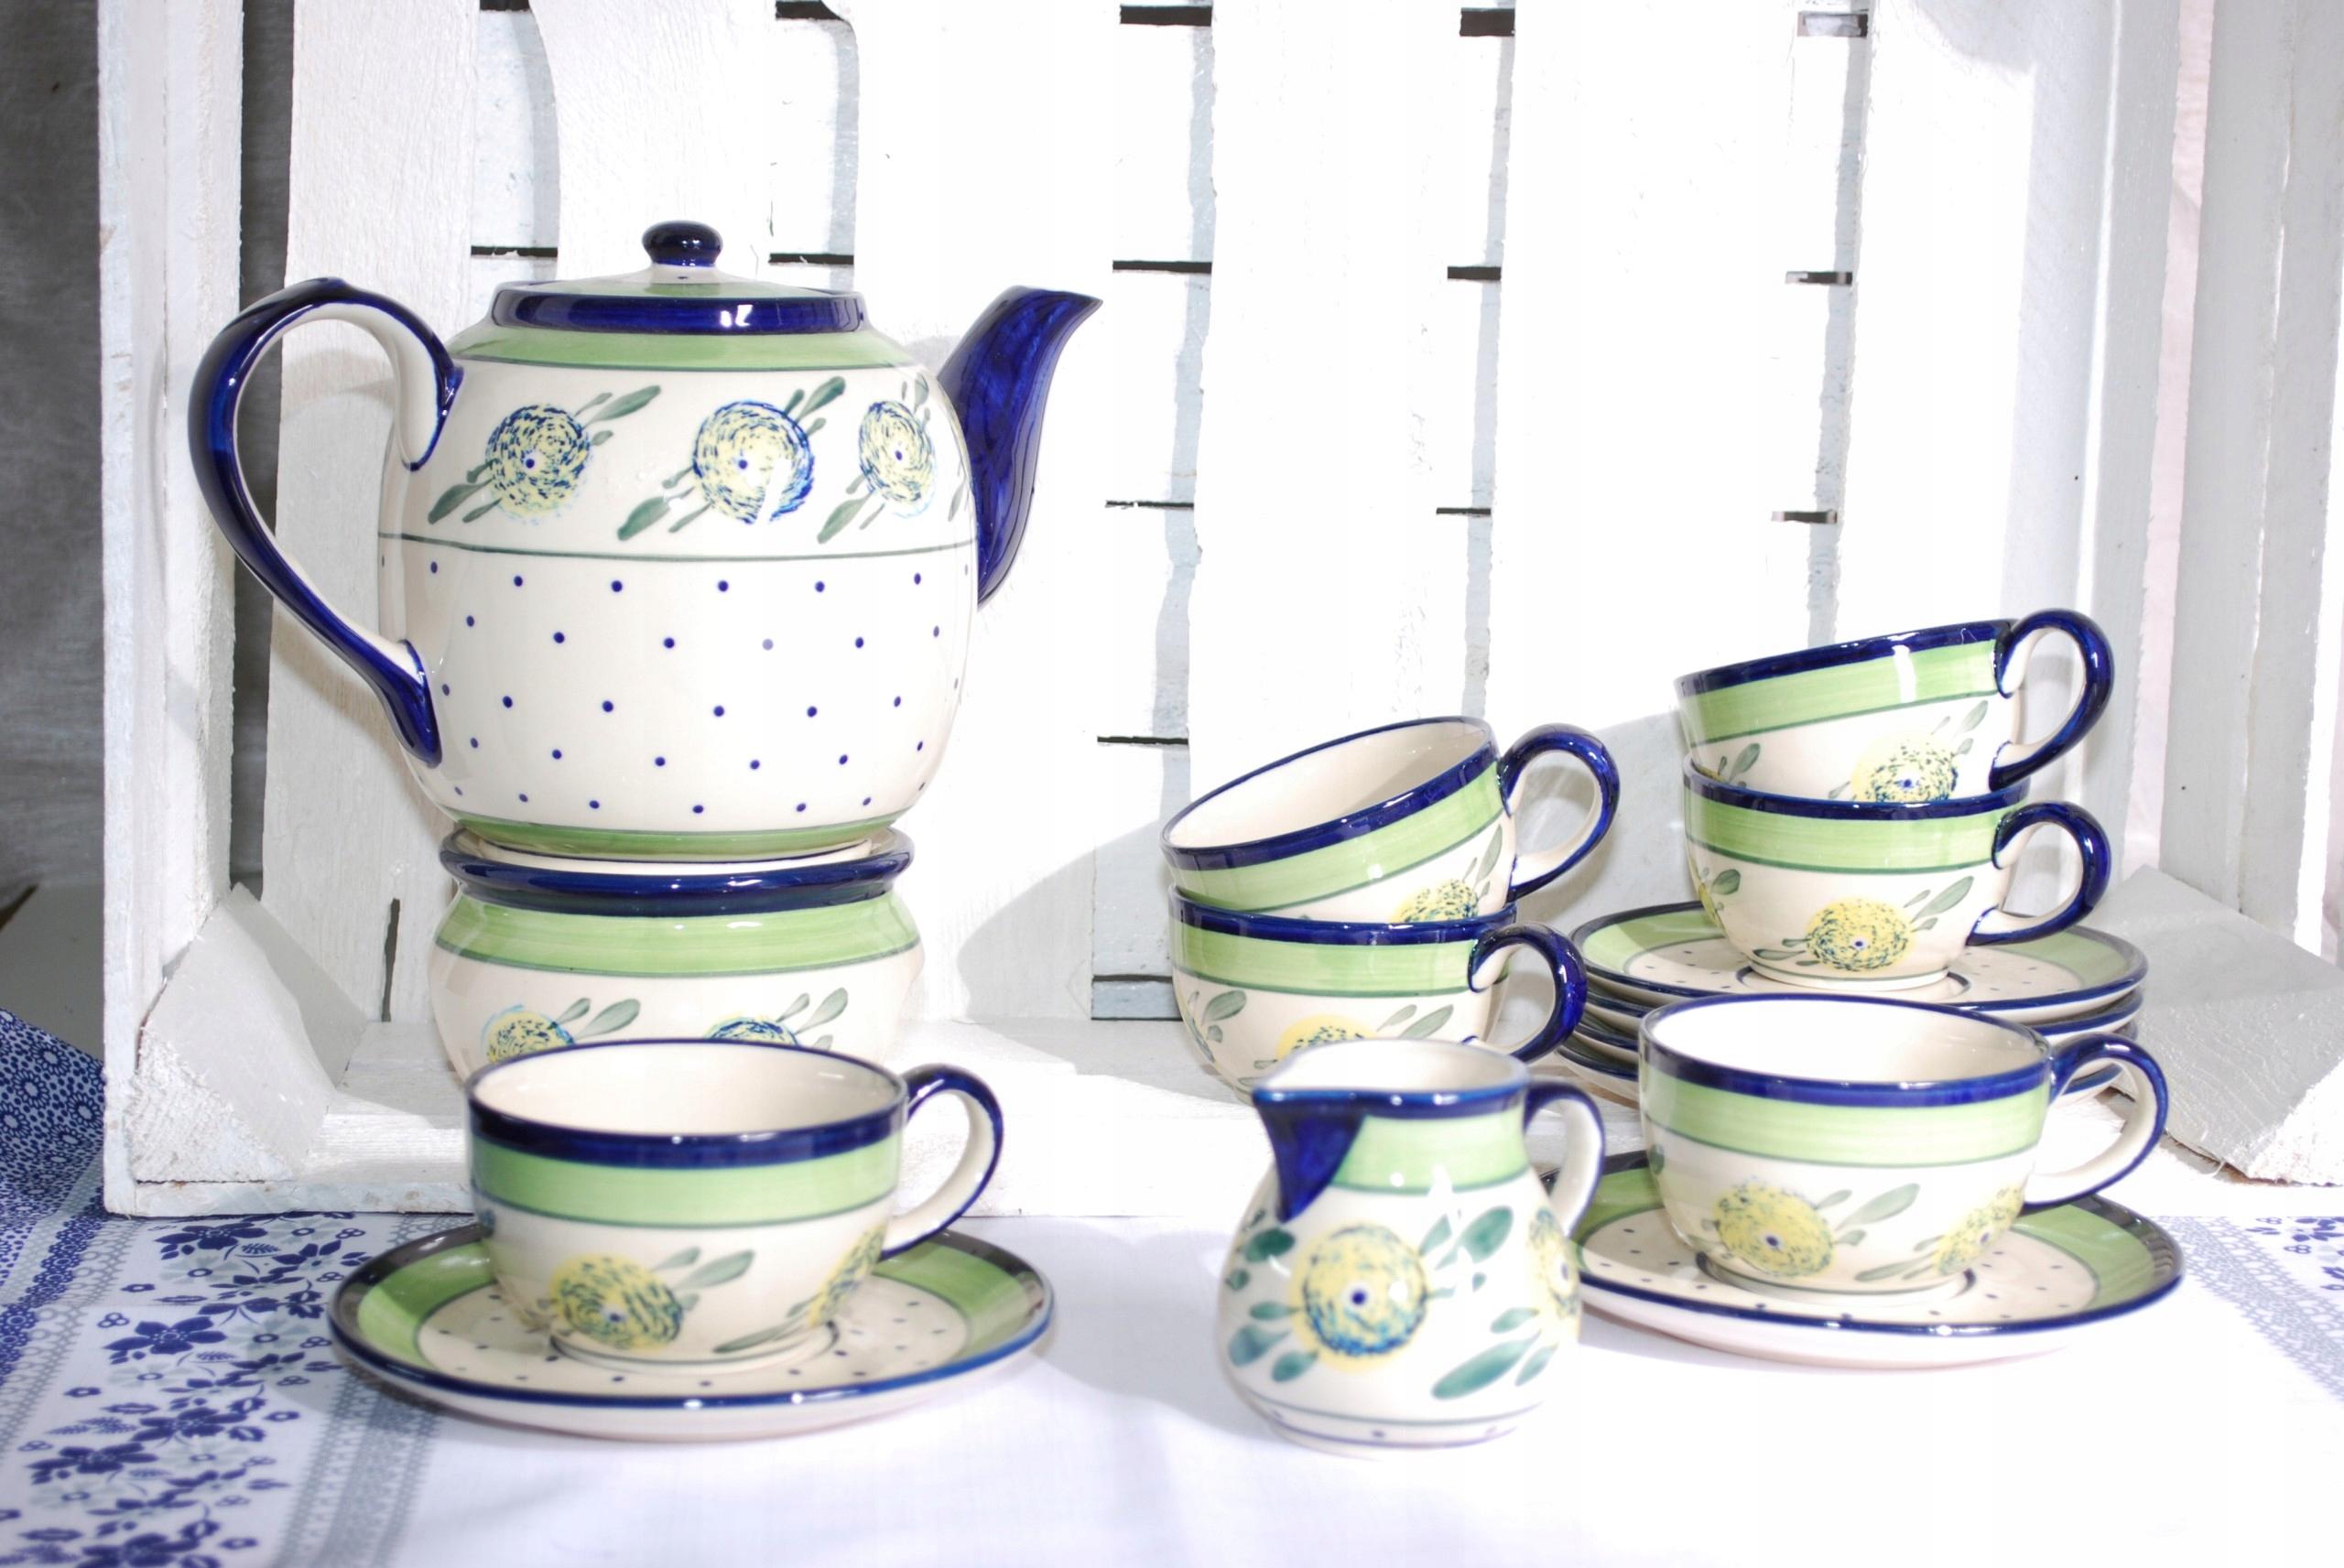 Ceramika Bolesławiec Komplet Kawowy Dla 6 Os 7426765270